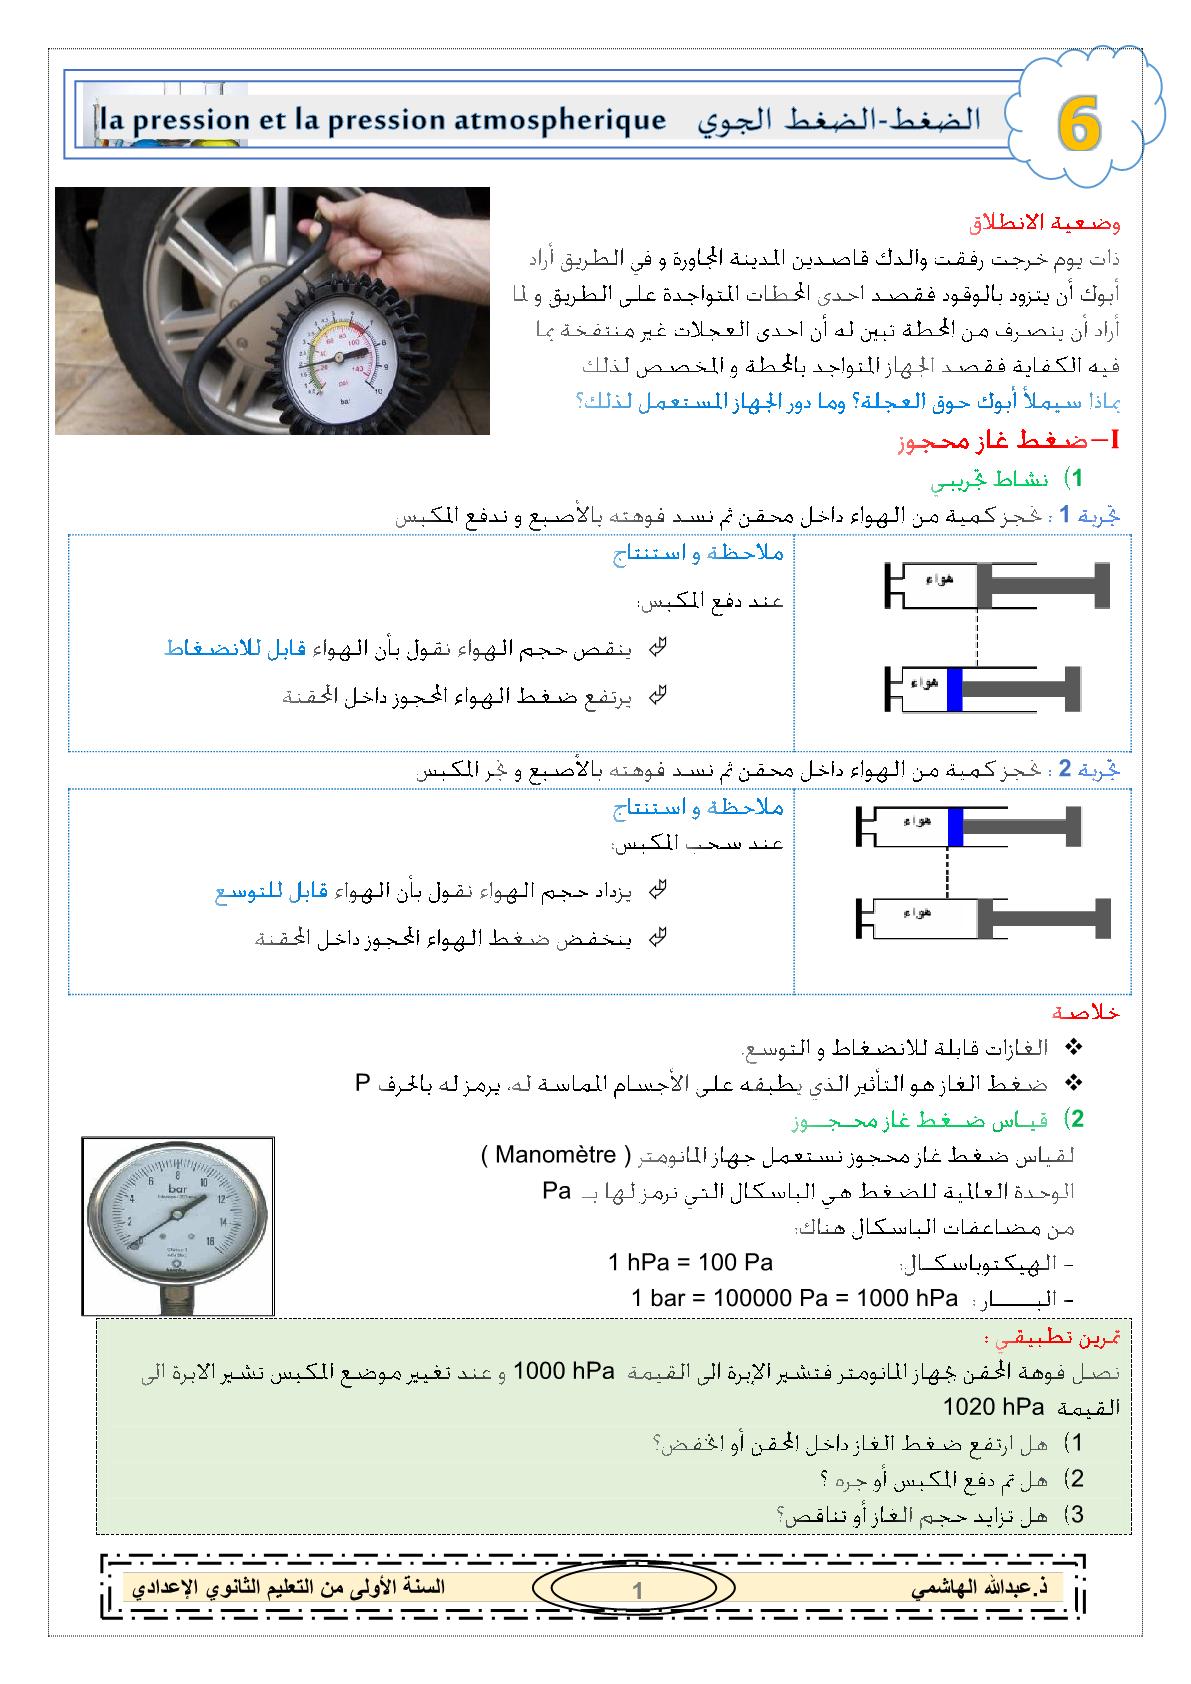 درس الضغط والضغط الجوي للسنة الأولى إعدادي